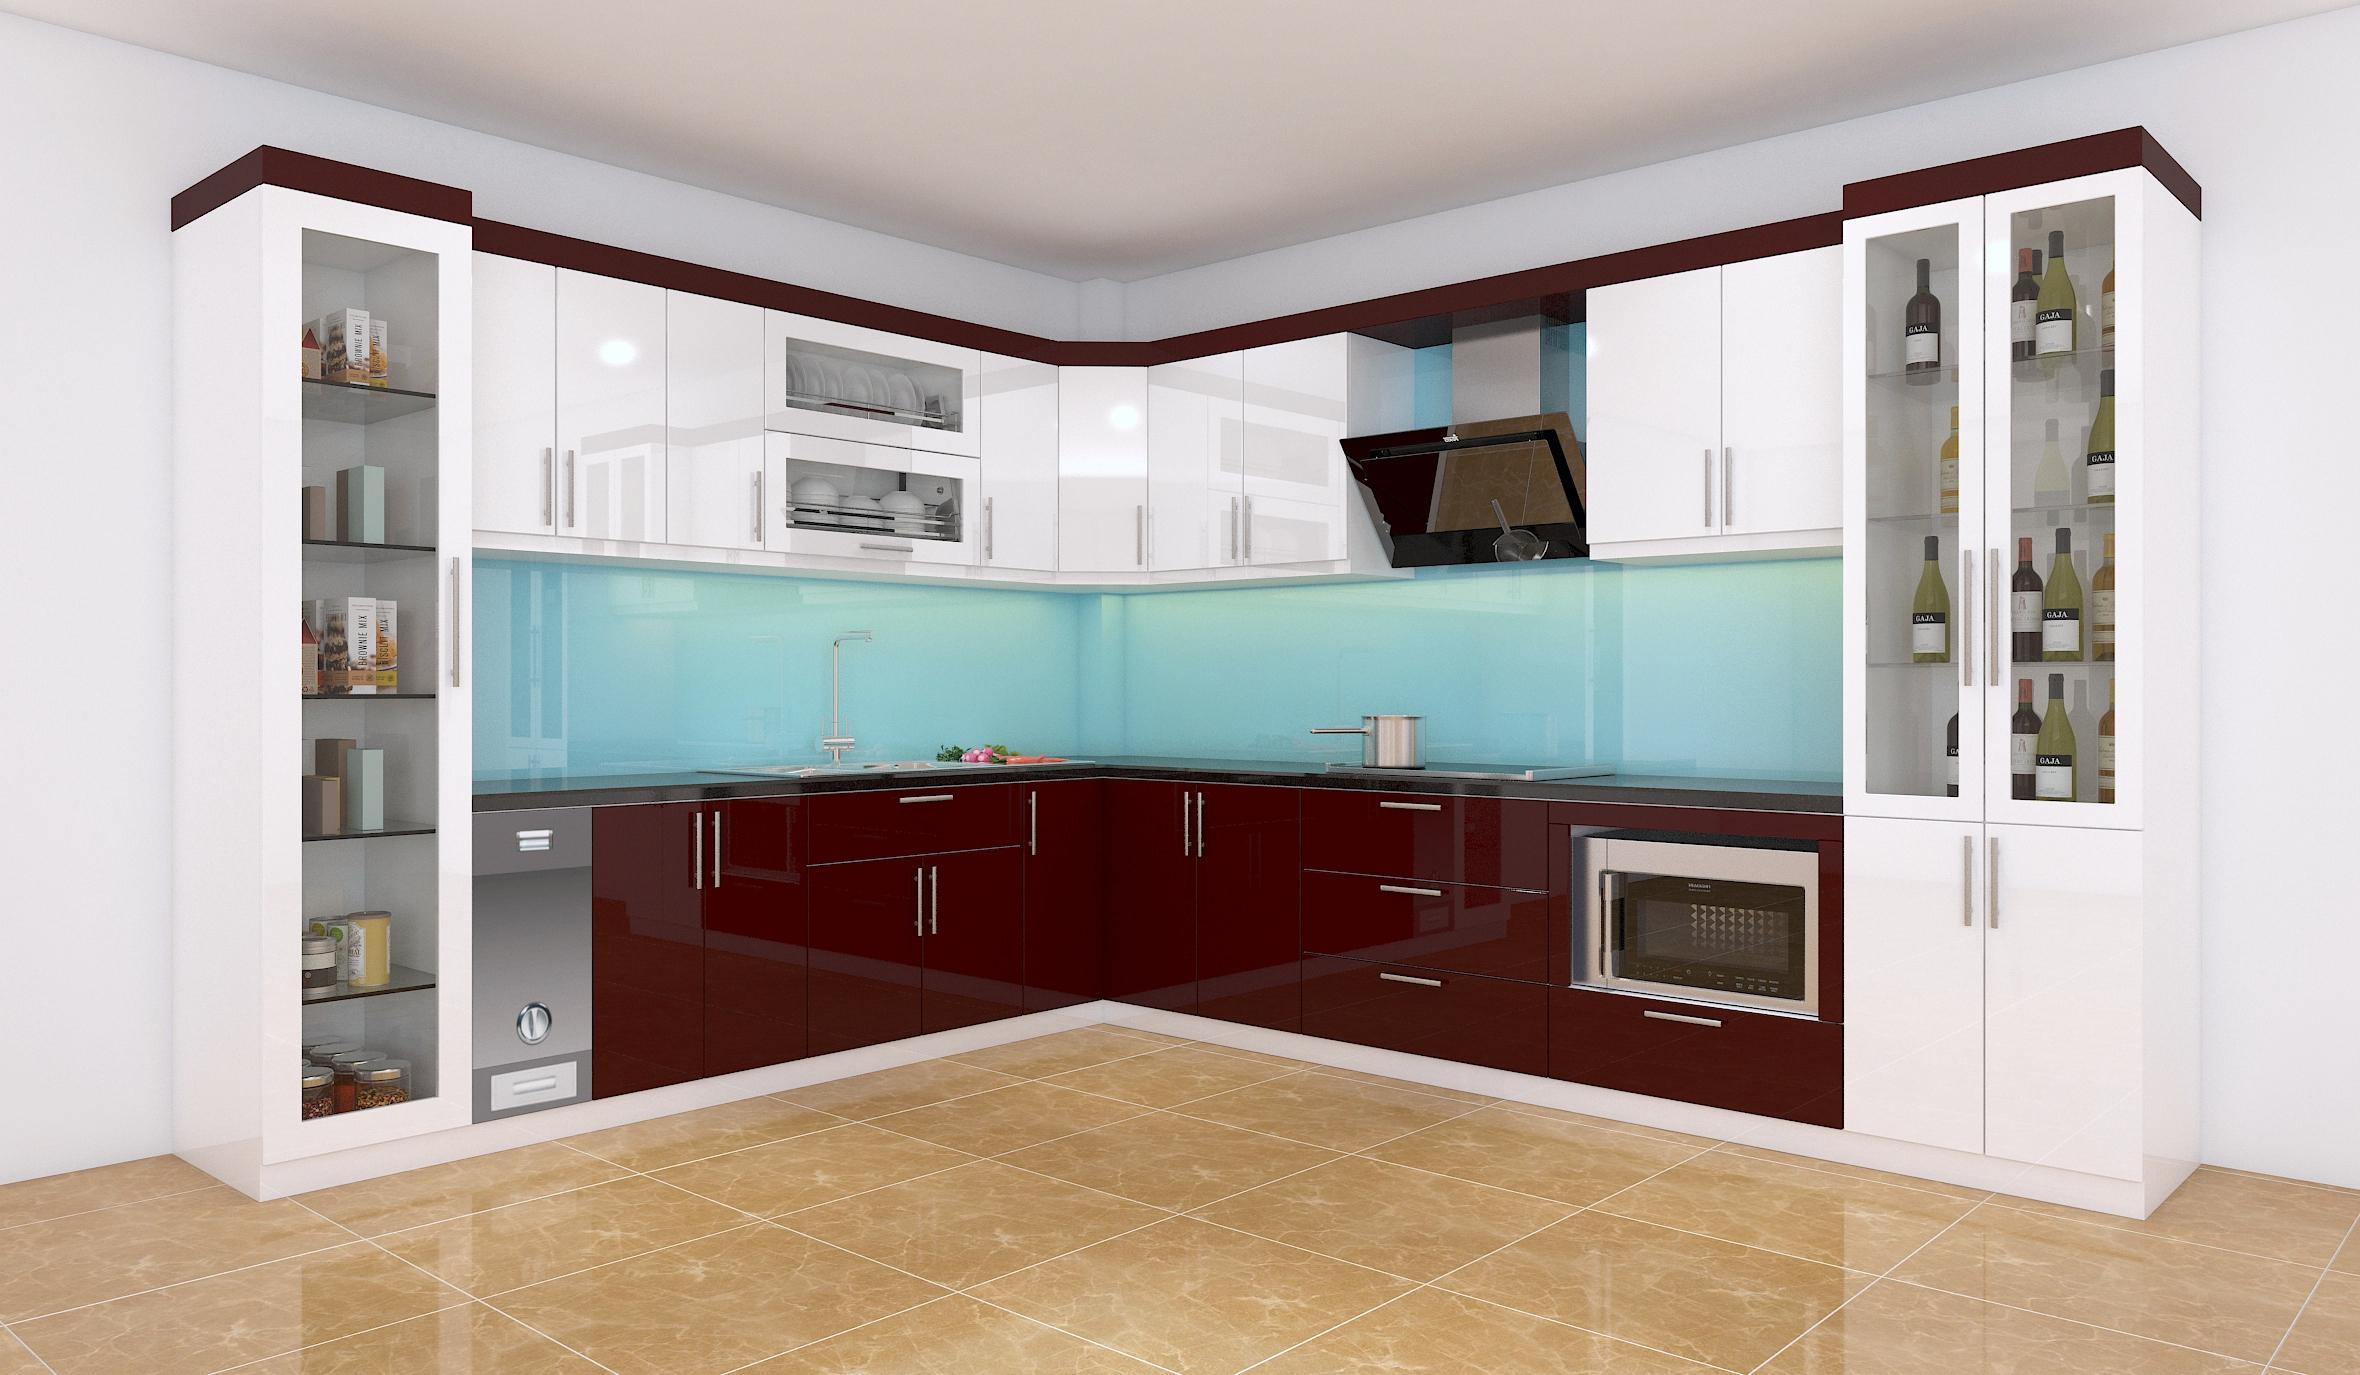 Mẫu tủ bếp acrylic màu xanh lam